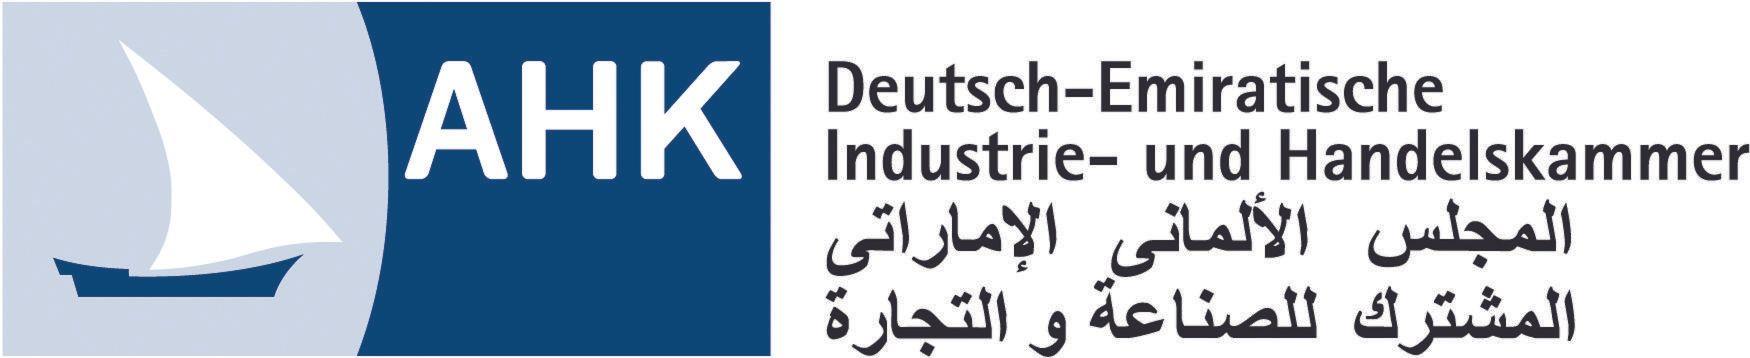 Deutsch Emiratische Industrie und Handelskammer AHK